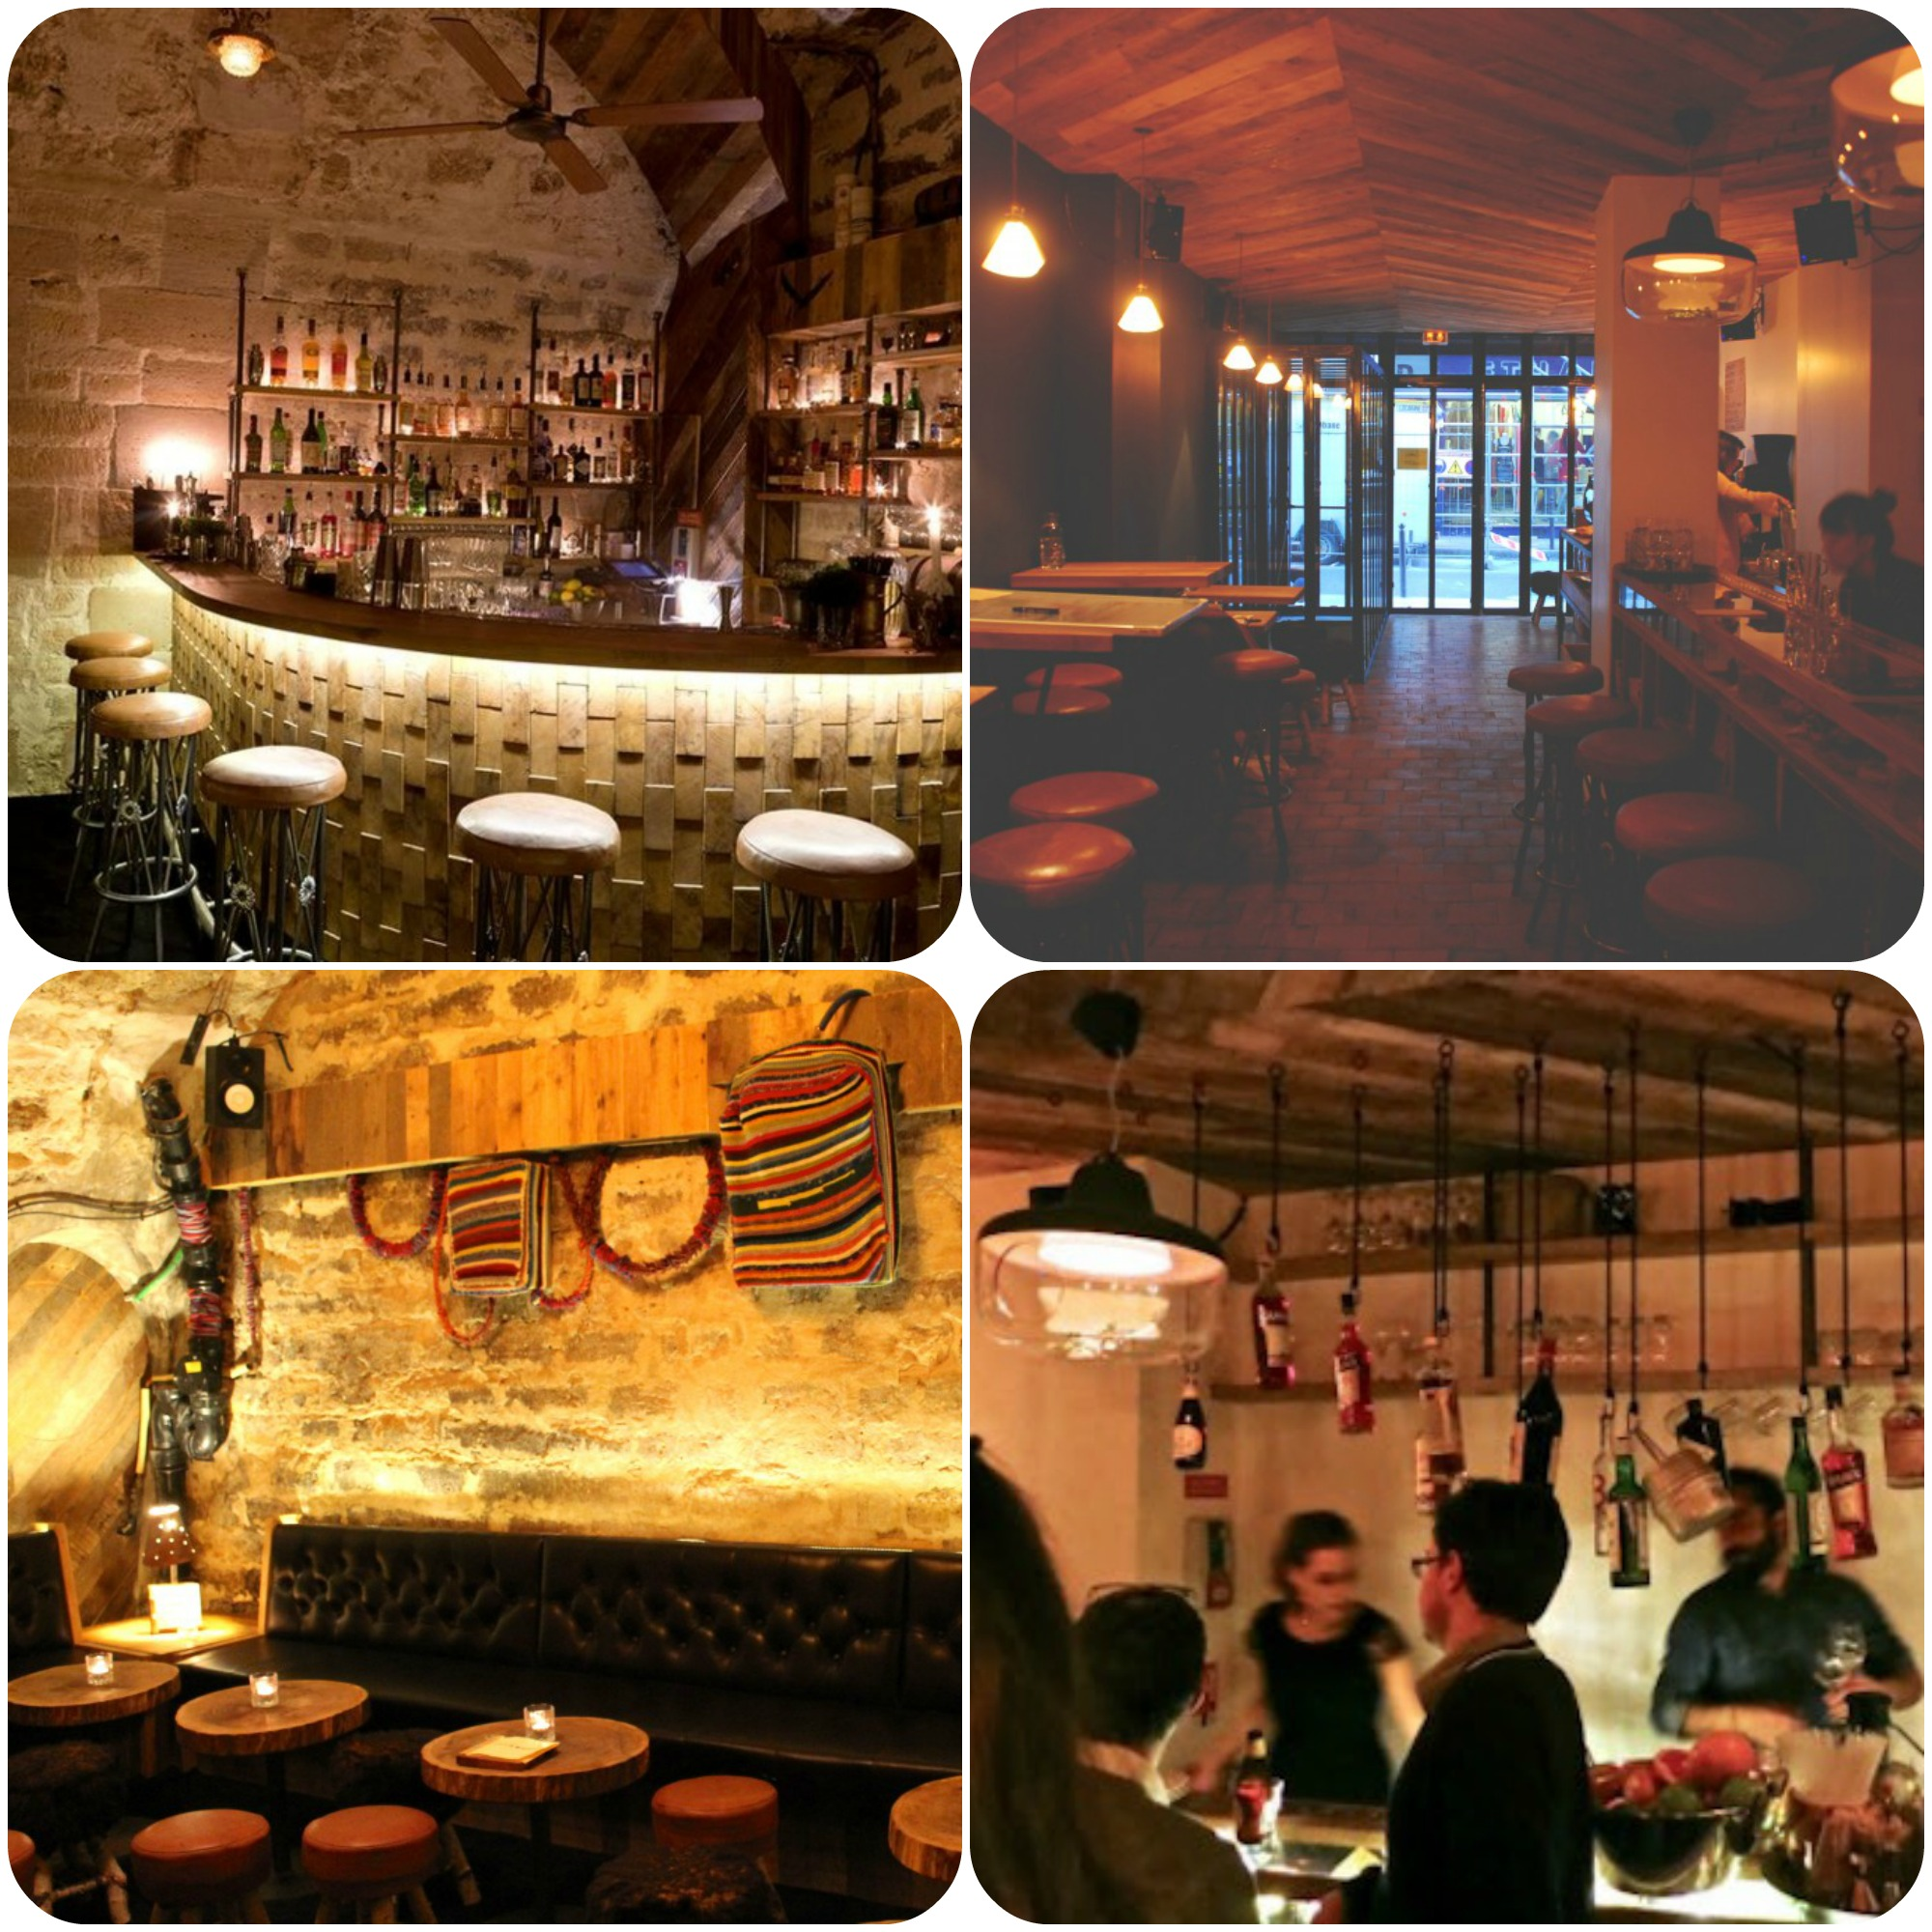 Decoração unerground, rock garage e vários drinks é o que define o clima subversivo do bar Lockwood